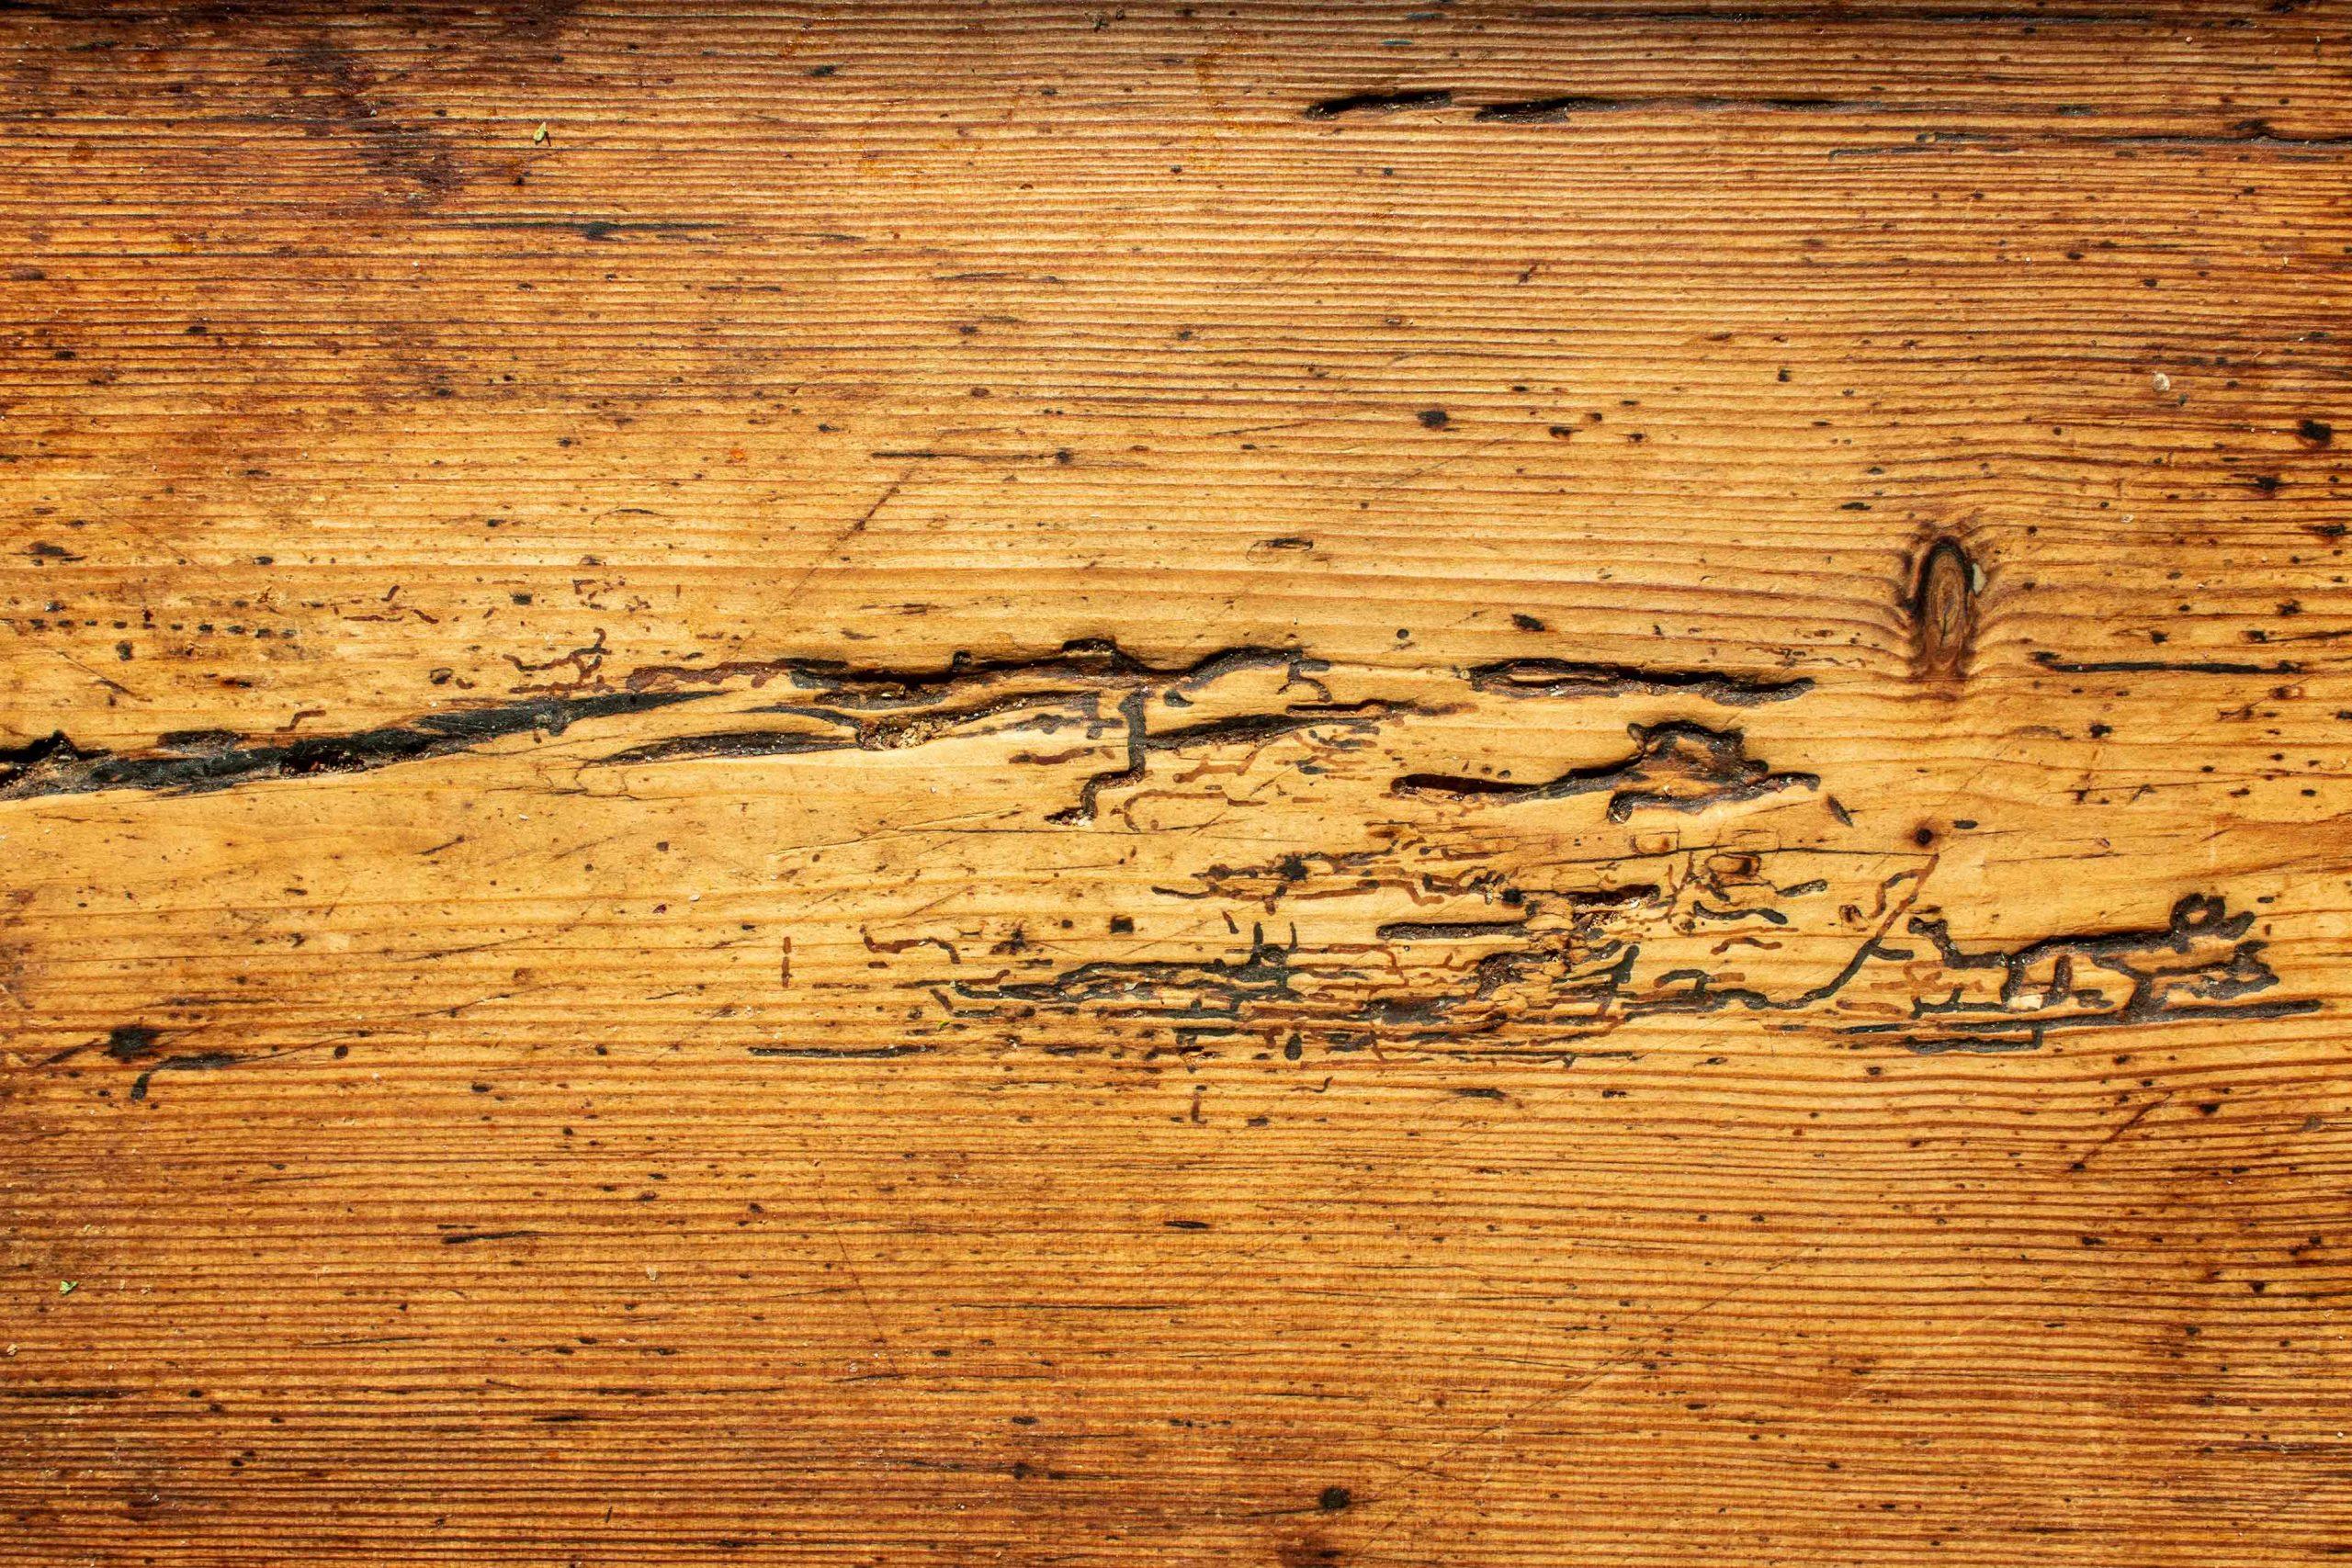 alter Küchentisch, Struktur der Holzplatte